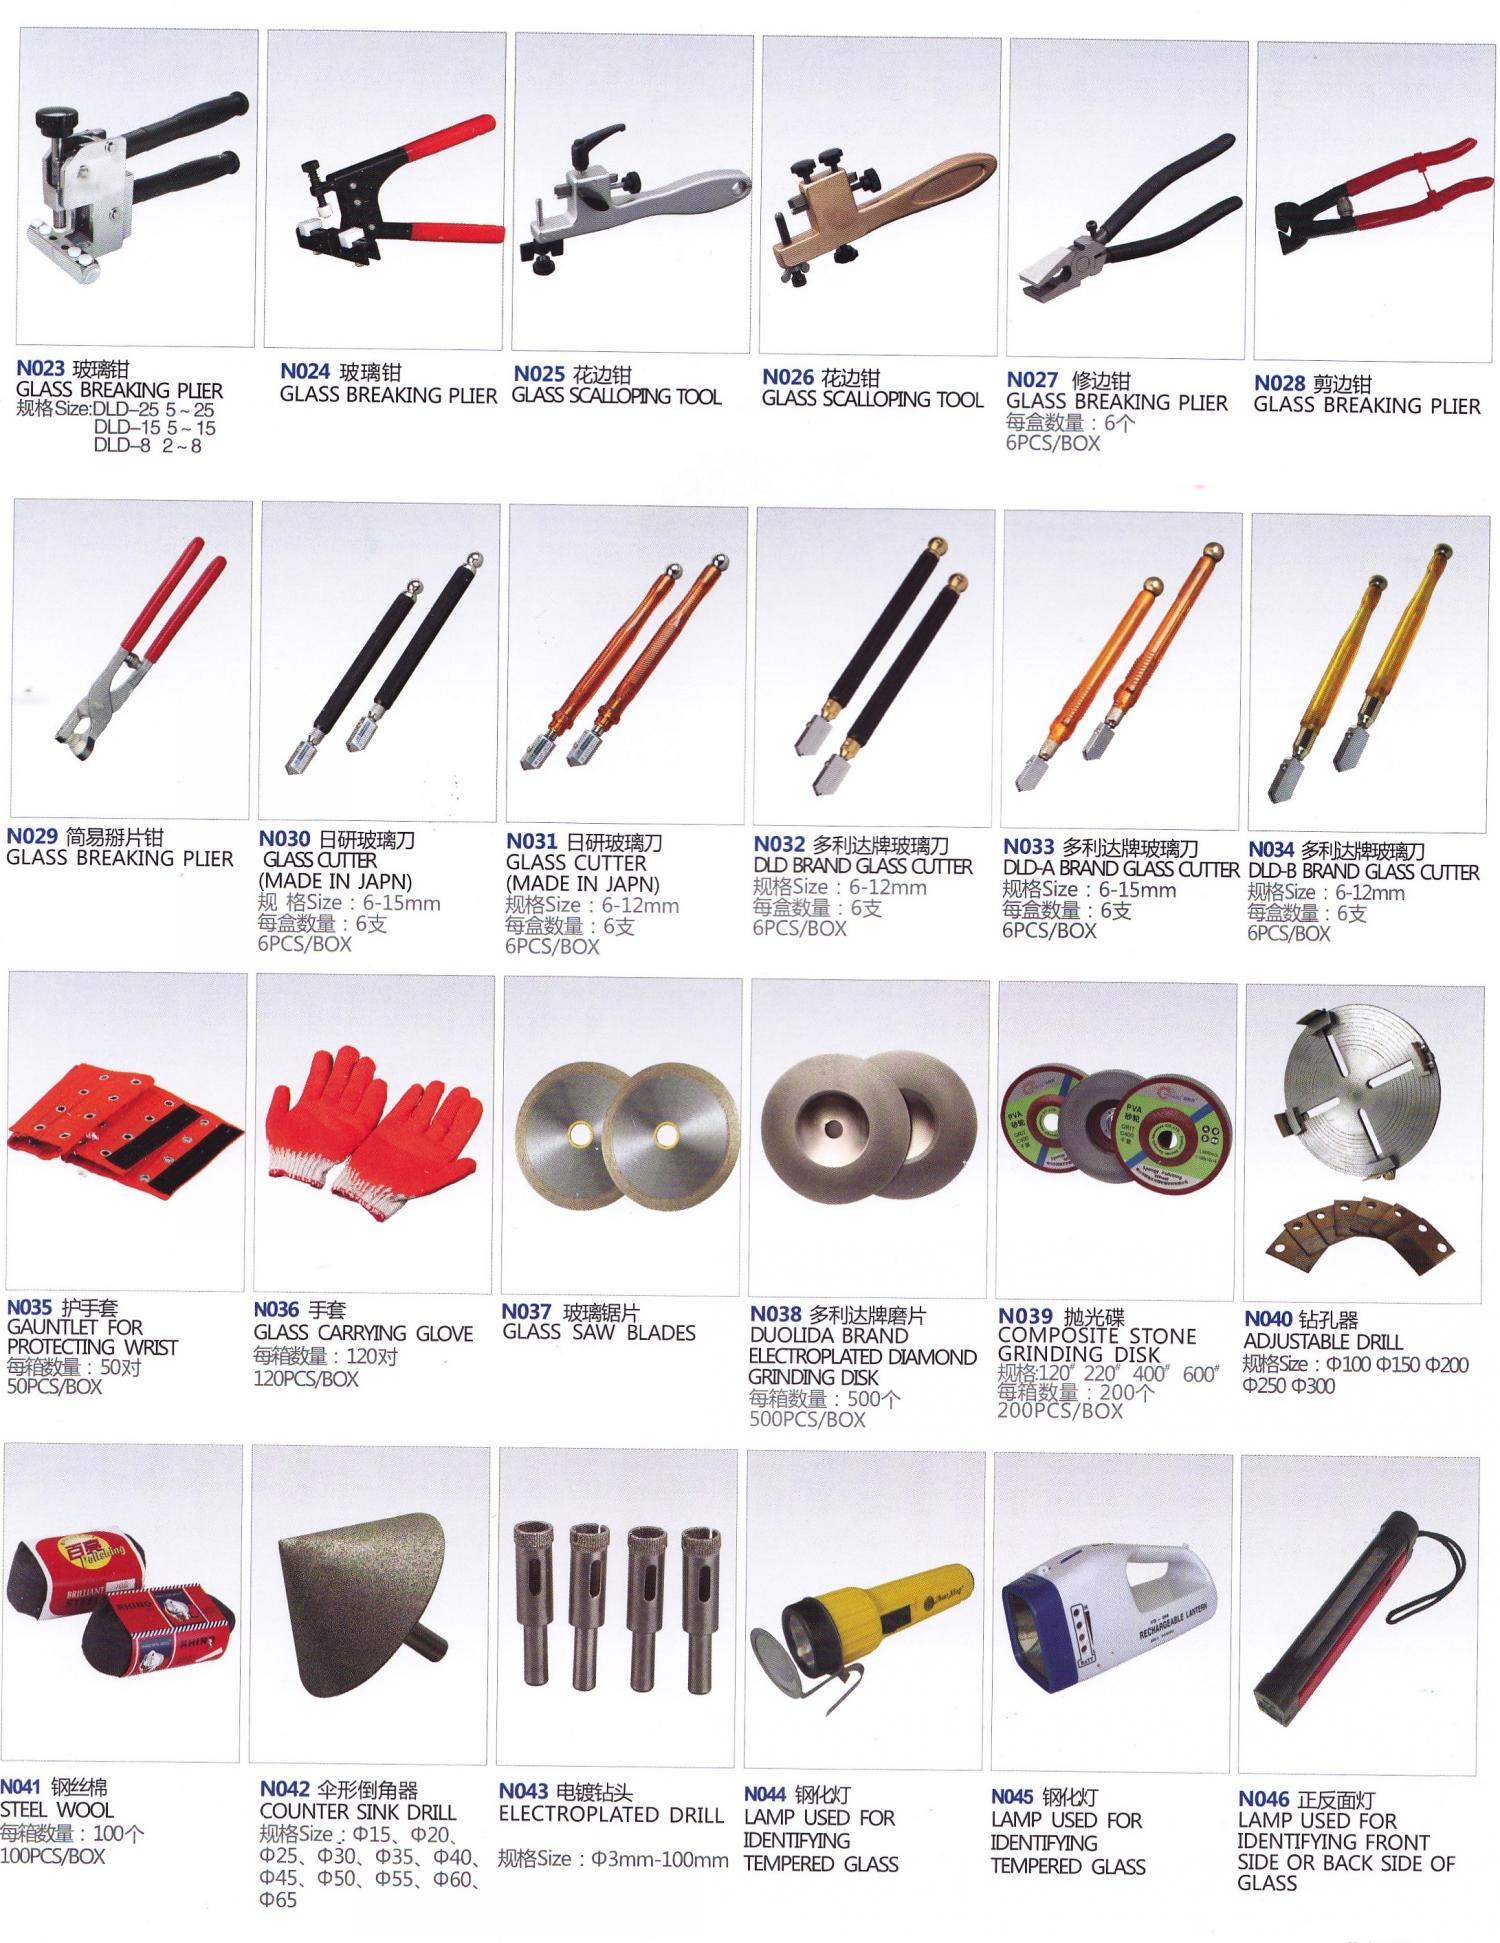 36_Glass Cutter Glass CuttingTools